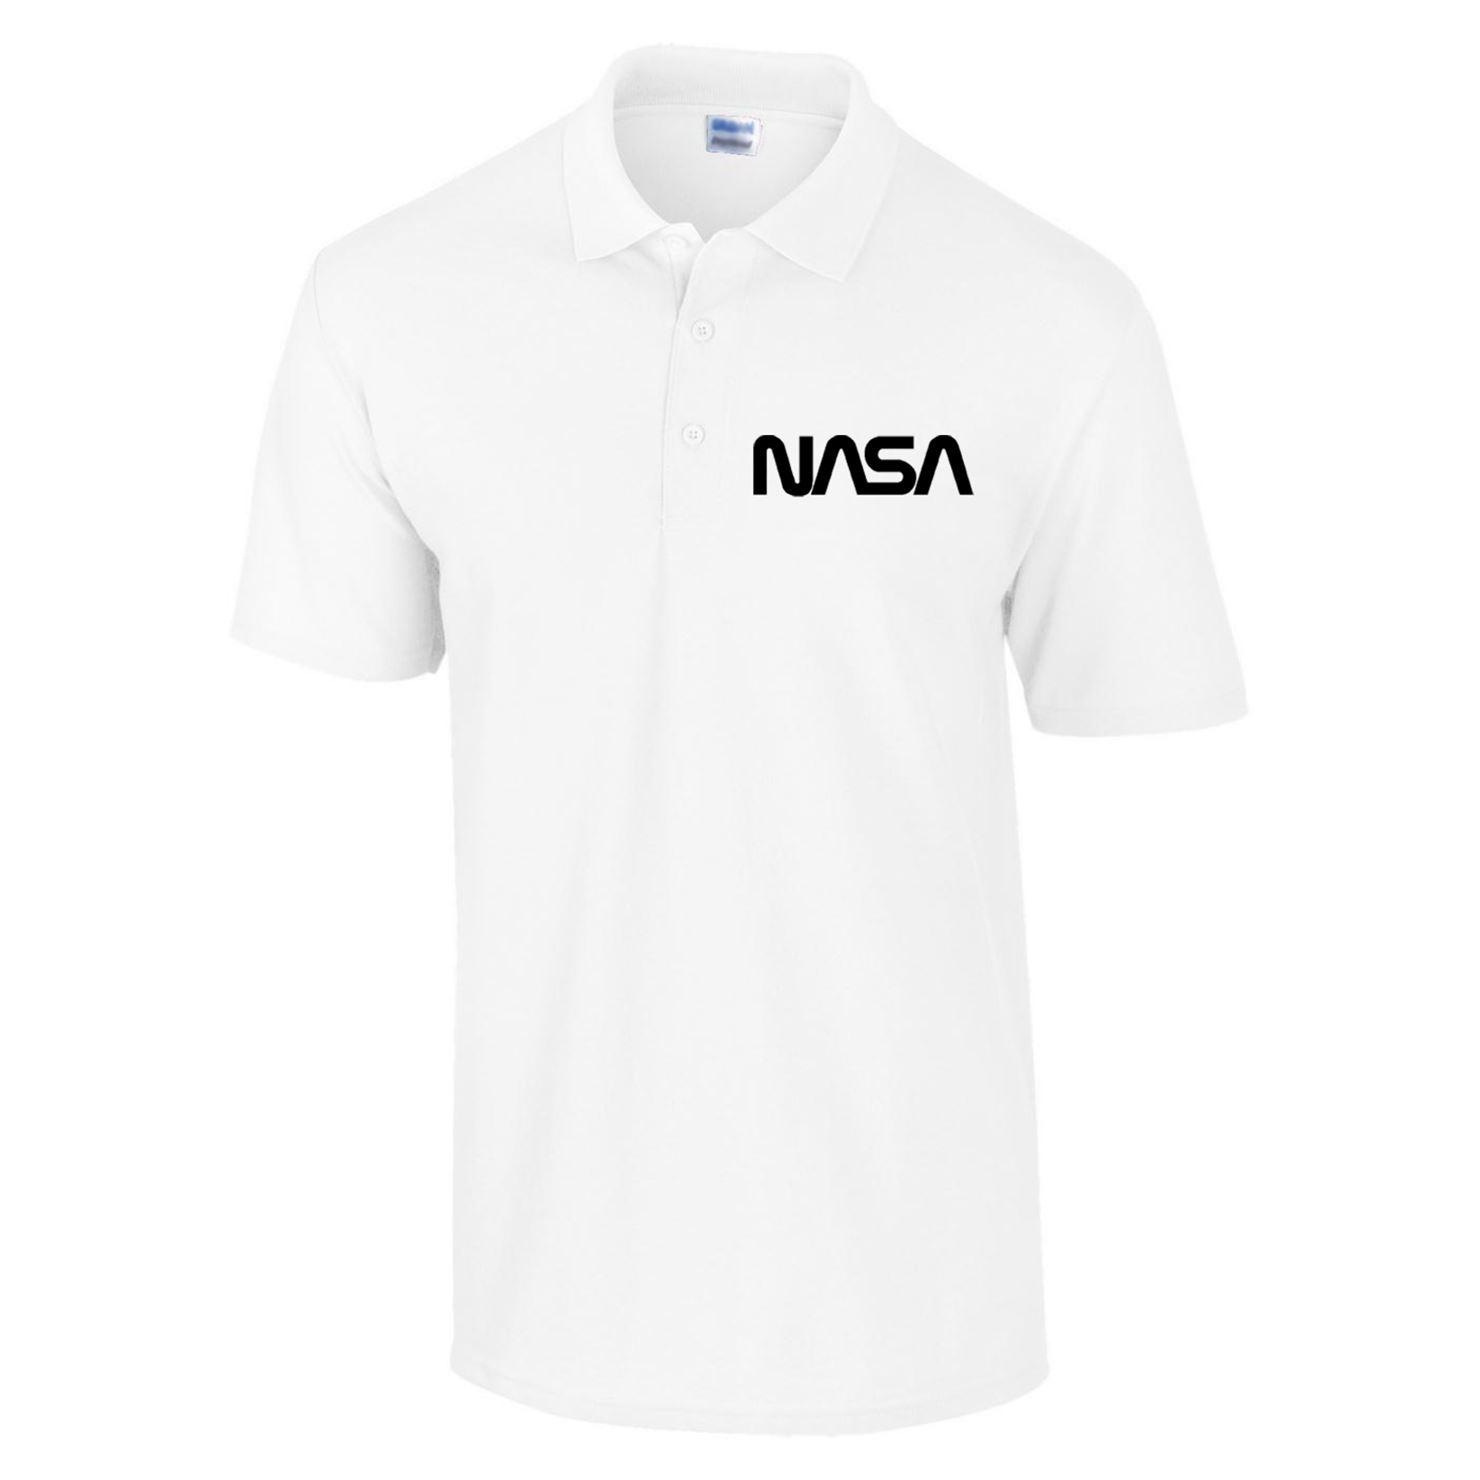 NASA Polo Geek Nerd Slogan Hipster Space Ship Solar System ...